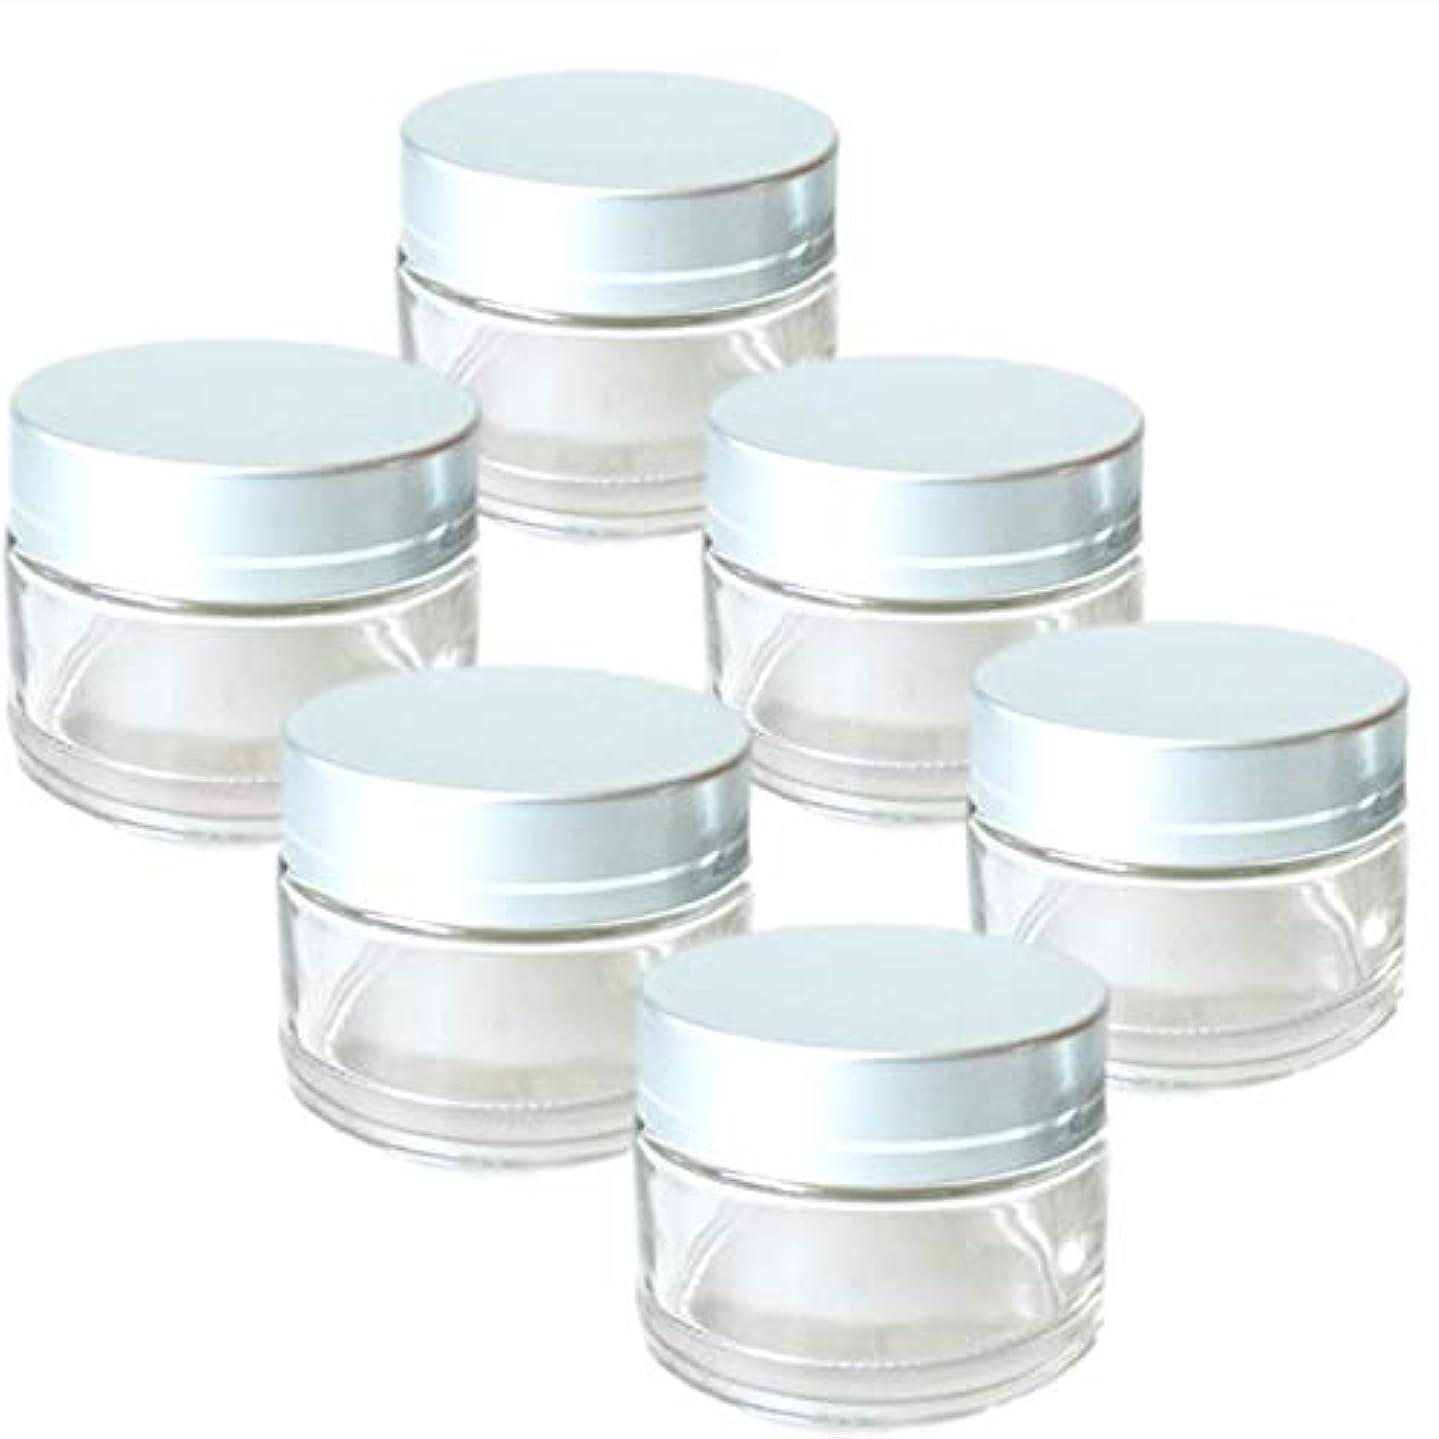 航海自明覚醒rer ハンドクリーム 詰替え 容器 薬 ワセリン 入れ 6個 セット (クリア)